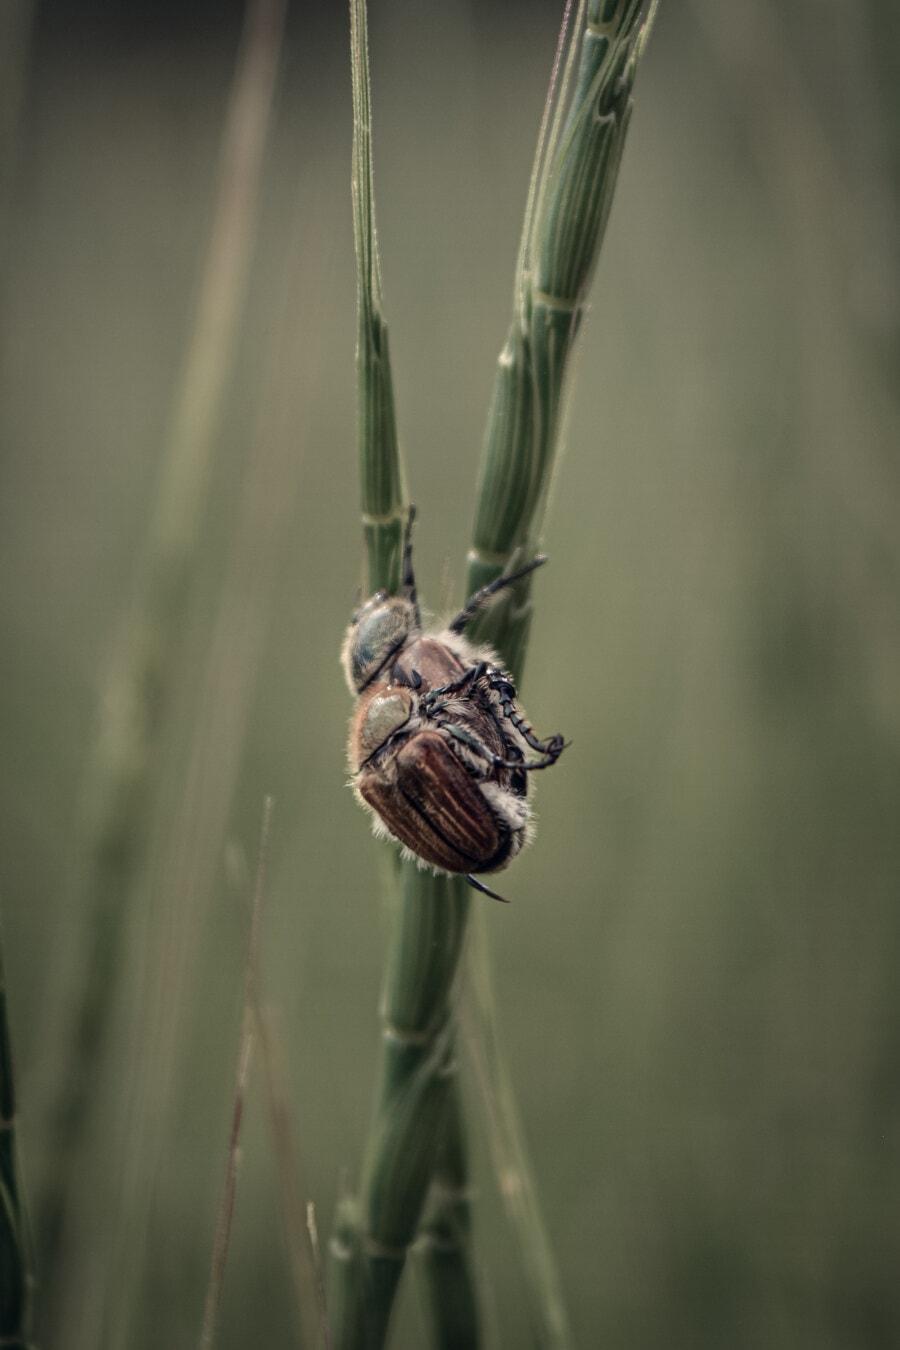 Braun, Käfer, aus nächster Nähe, Fehler, Insekt, Tiere, Natur, Tierwelt, im freien, wirbellos